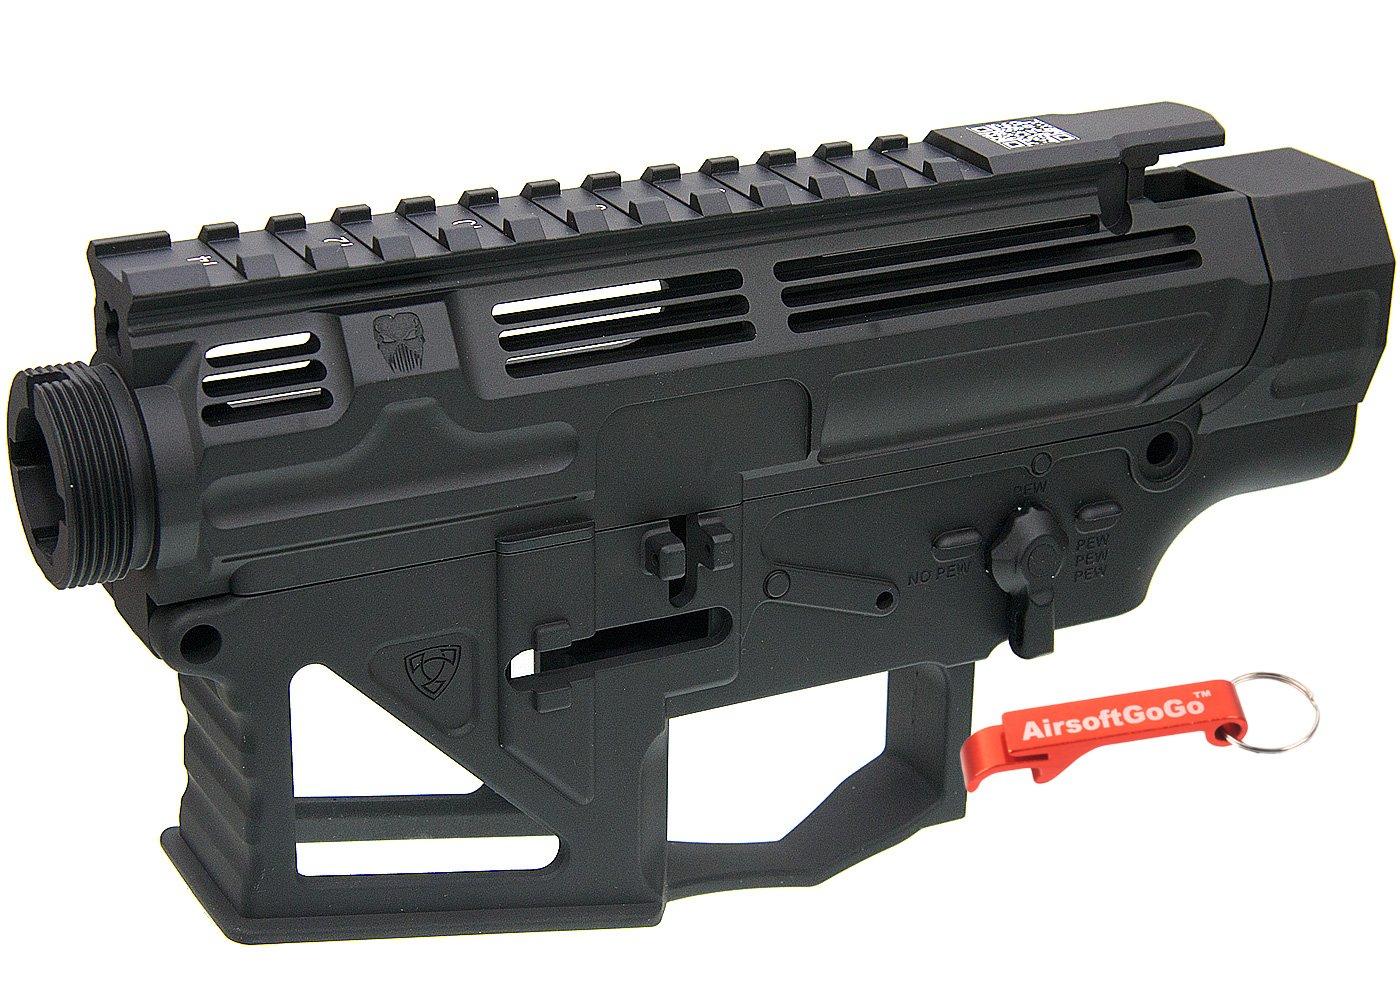 APS PERレシーバーフレーム/レシーバーセット (タイプ2) APS M4電動ガンVER.2メカボックス対応 (ブラック) 【キーホルダー付】 B07BHFQ4H5